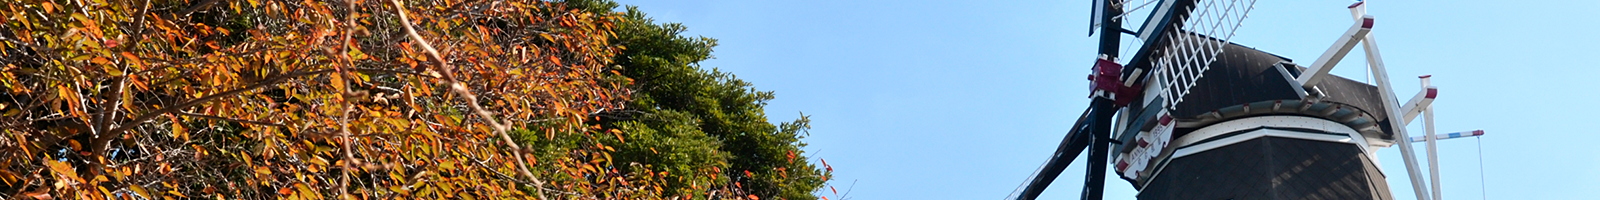 ムーンフェスタしんなんよう応援チケット町名別一覧【栗屋】 - 新南陽商工会議所 | 周南市 新南陽地区(山口県) | 経営相談 資金繰り 新規創業 経営革新 検定試験など